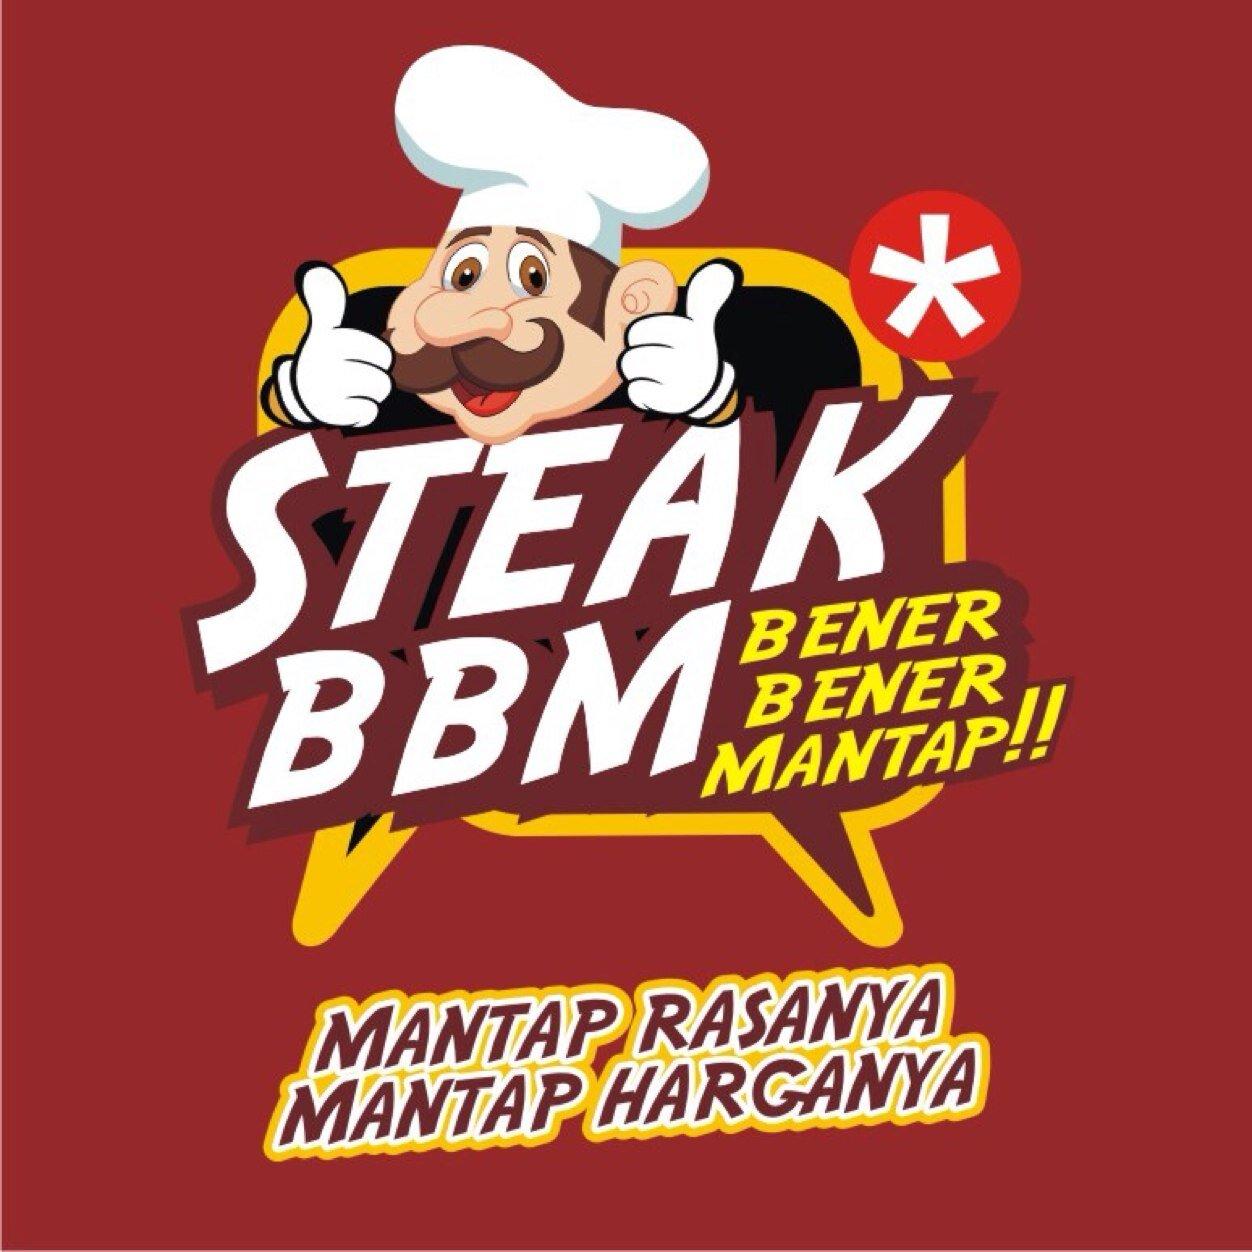 @SteakBbm